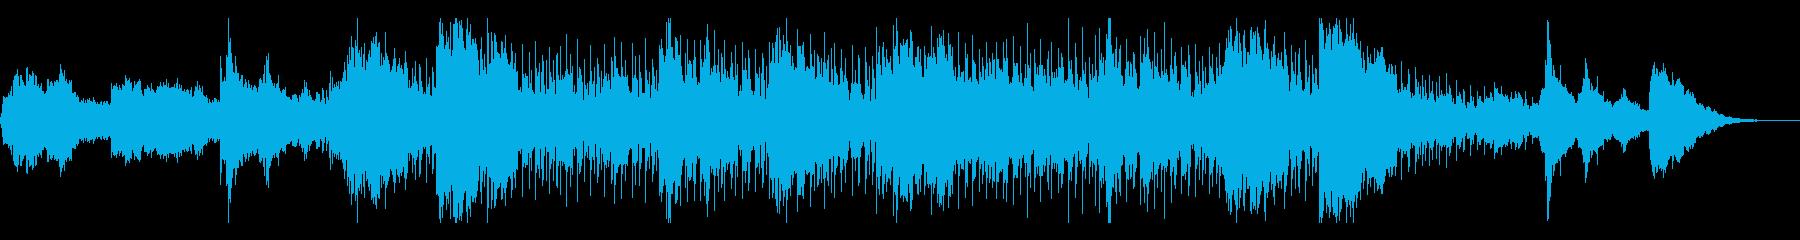 ダークでホラー向けなテクスチャの再生済みの波形